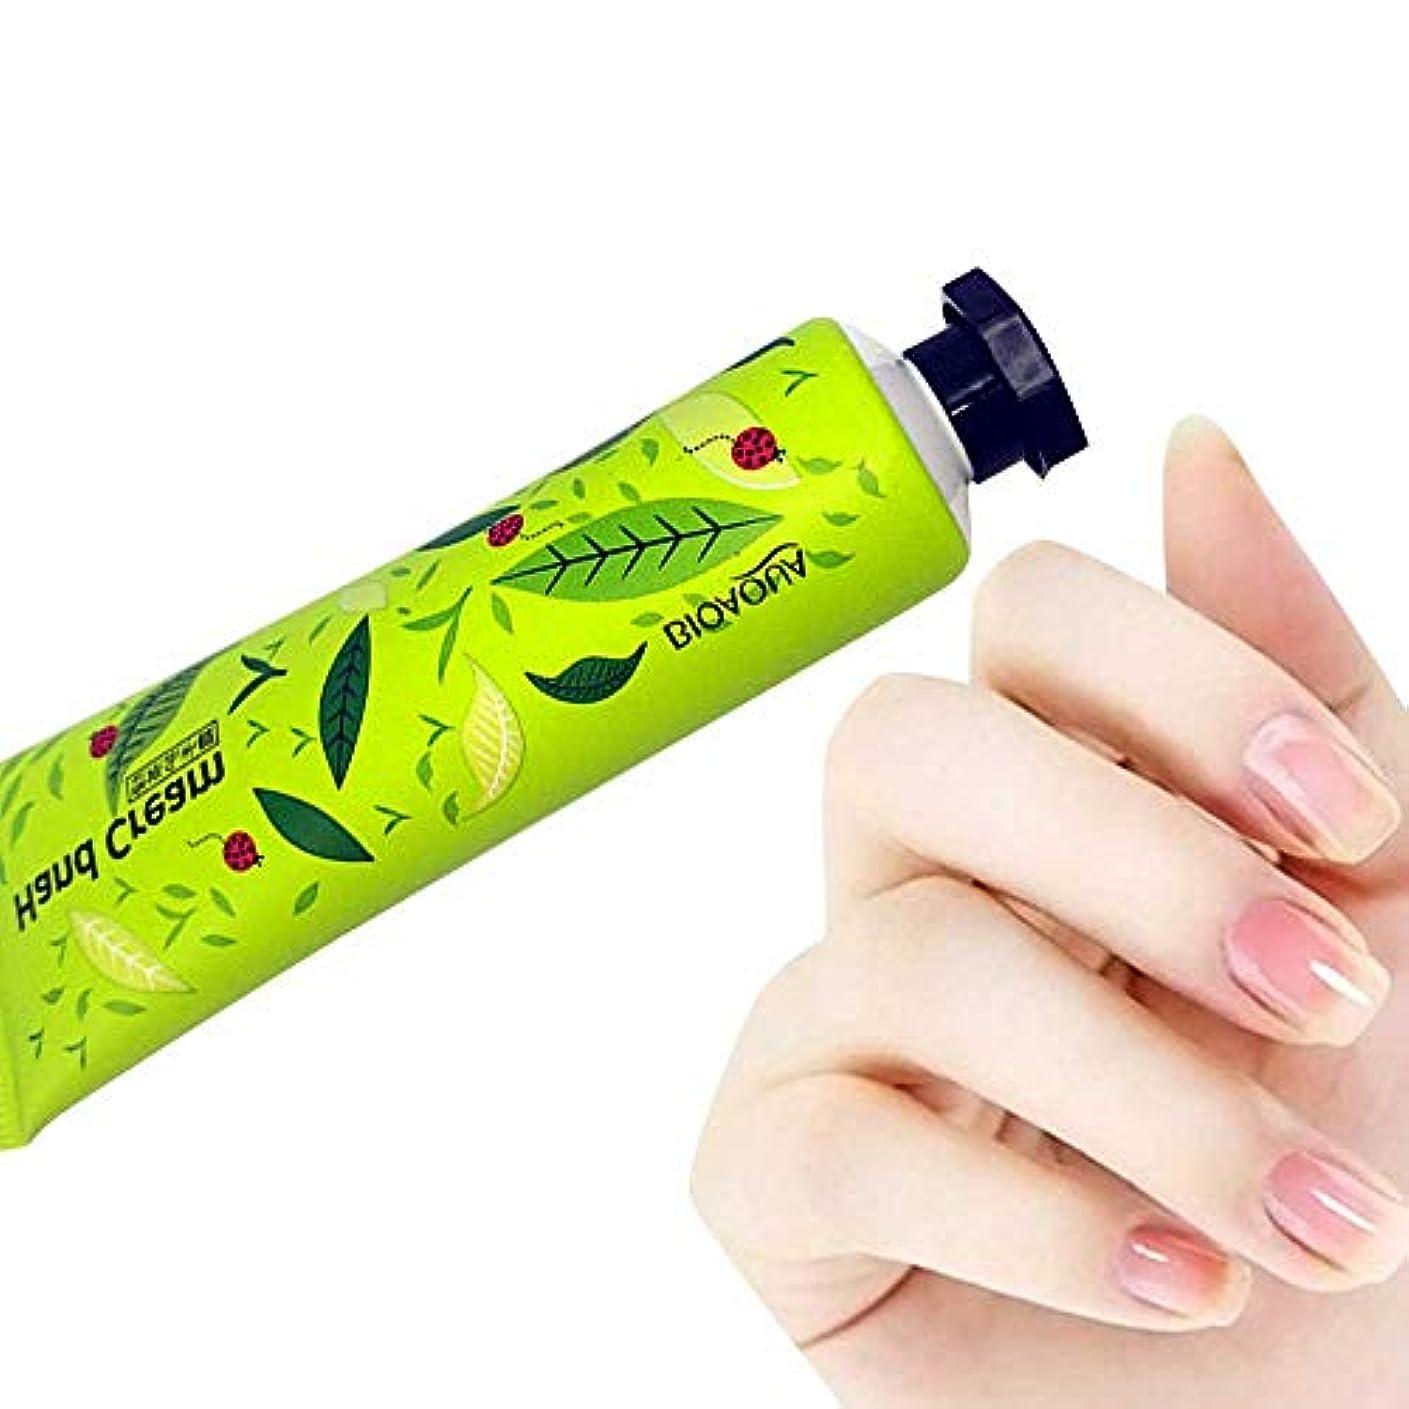 遵守する現代魅力的であることへのアピールハンドクリーム Akane BIOAOUA 植物エキス 潤う 保湿 水分補給 香り 手荒れを防ぐ 無添加 天然 乾燥肌用 自然 肌荒れ予防 Hand Cream